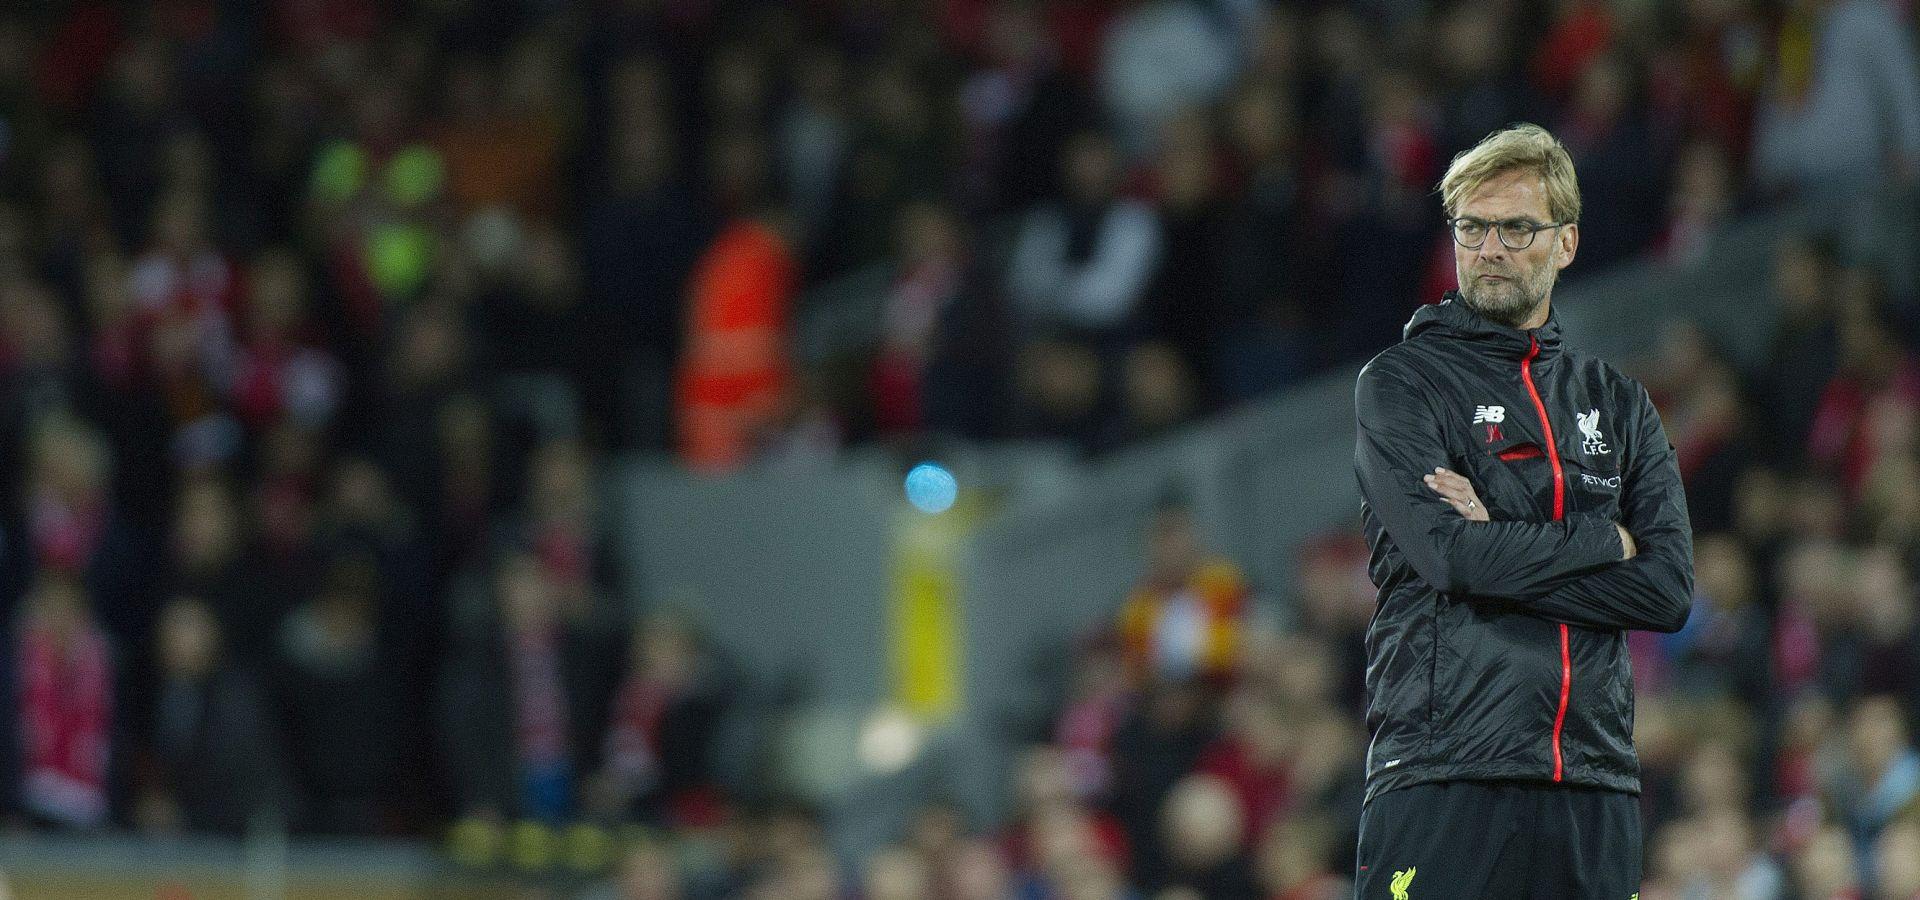 FA CUP Četvrtoligaš zaustavio najmlađi Liverpool u povijesti, igrat će se nova utakmica